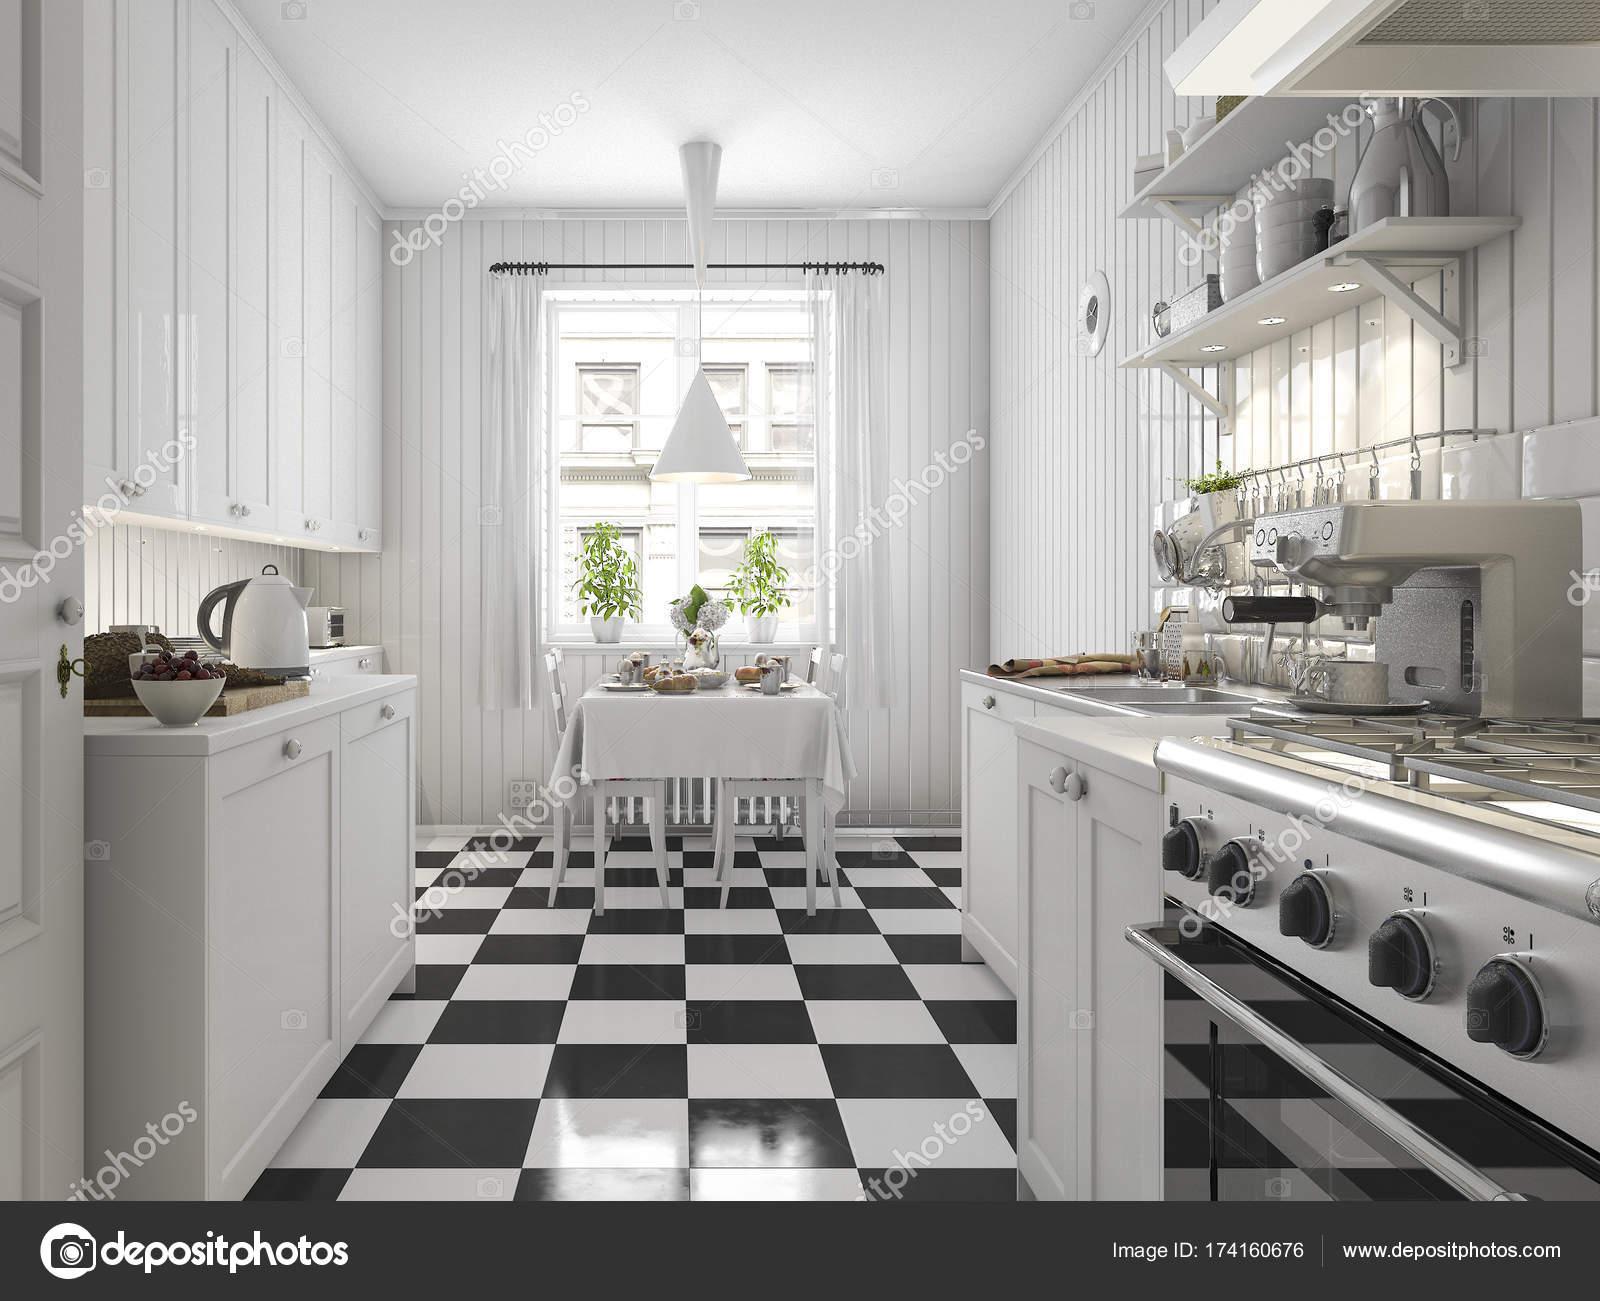 Tegels Keuken Scandinavisch : D rendering van prachtige scandinavische keuken met zwarte tegel